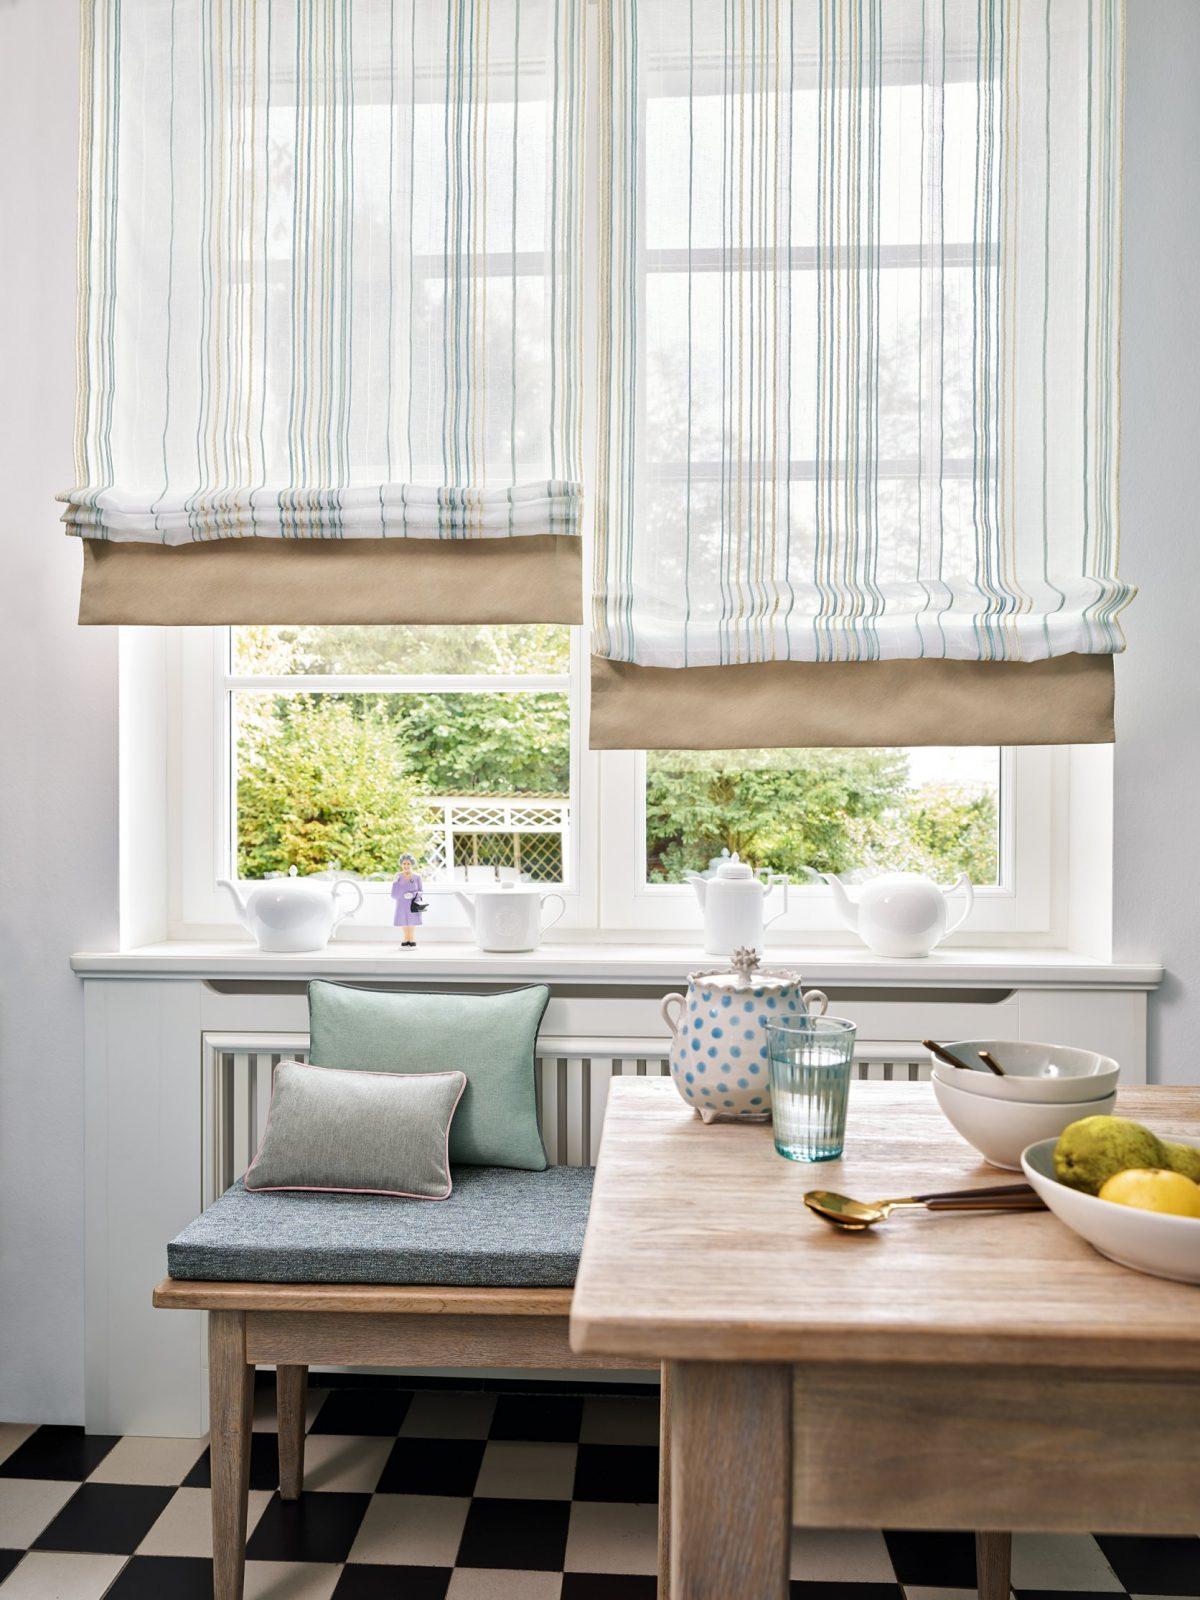 Die Perfekten Stoffe Für Ihr Zuhause  Ado Goldkante von Ado Gardinen Neue Kollektion Bild